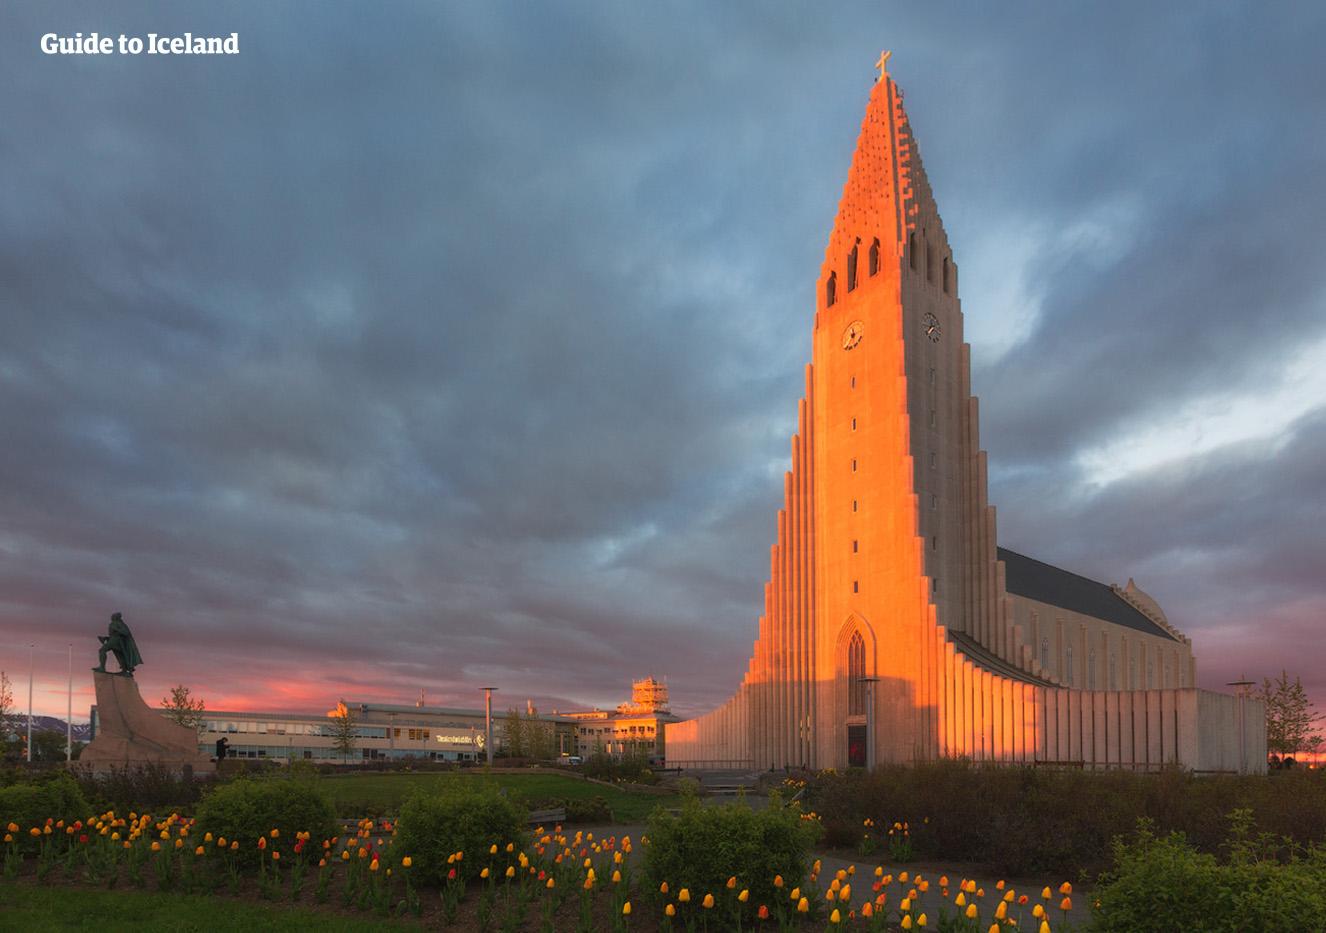 Circuit été de 12 jours | Voyage autour de l'Islande - day 10